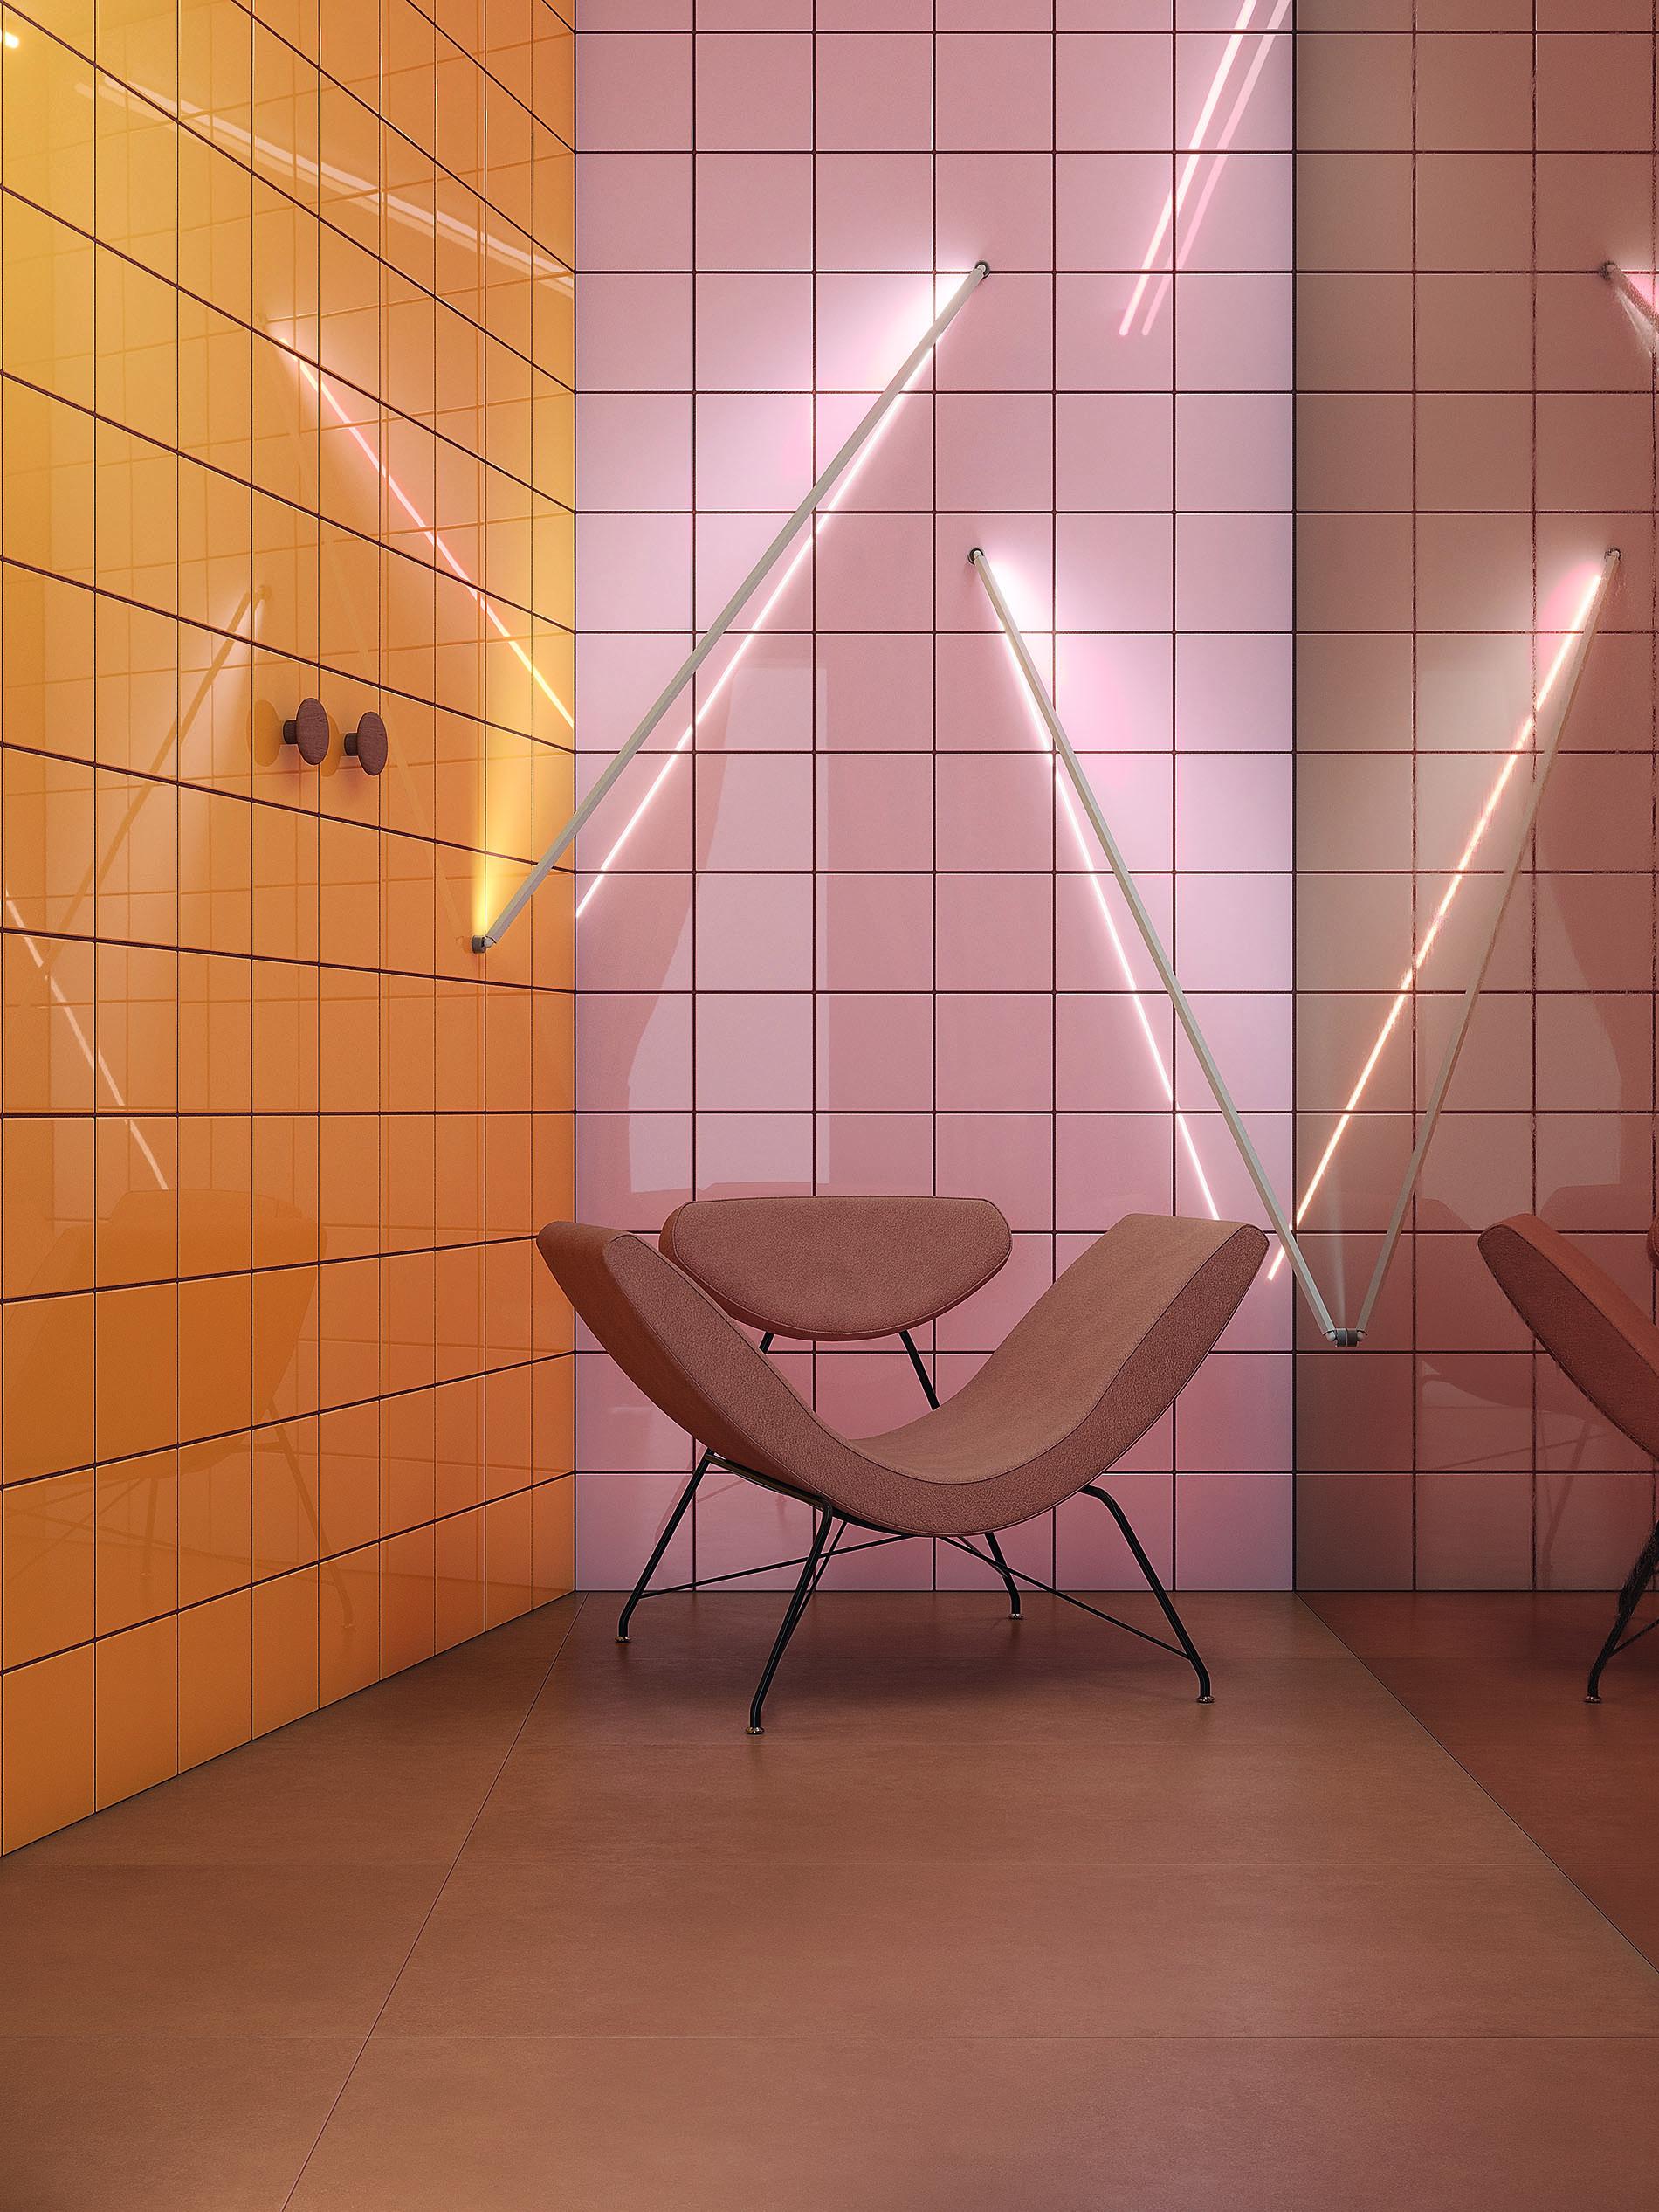 אריחים צבעוניים בחיפוי קירות